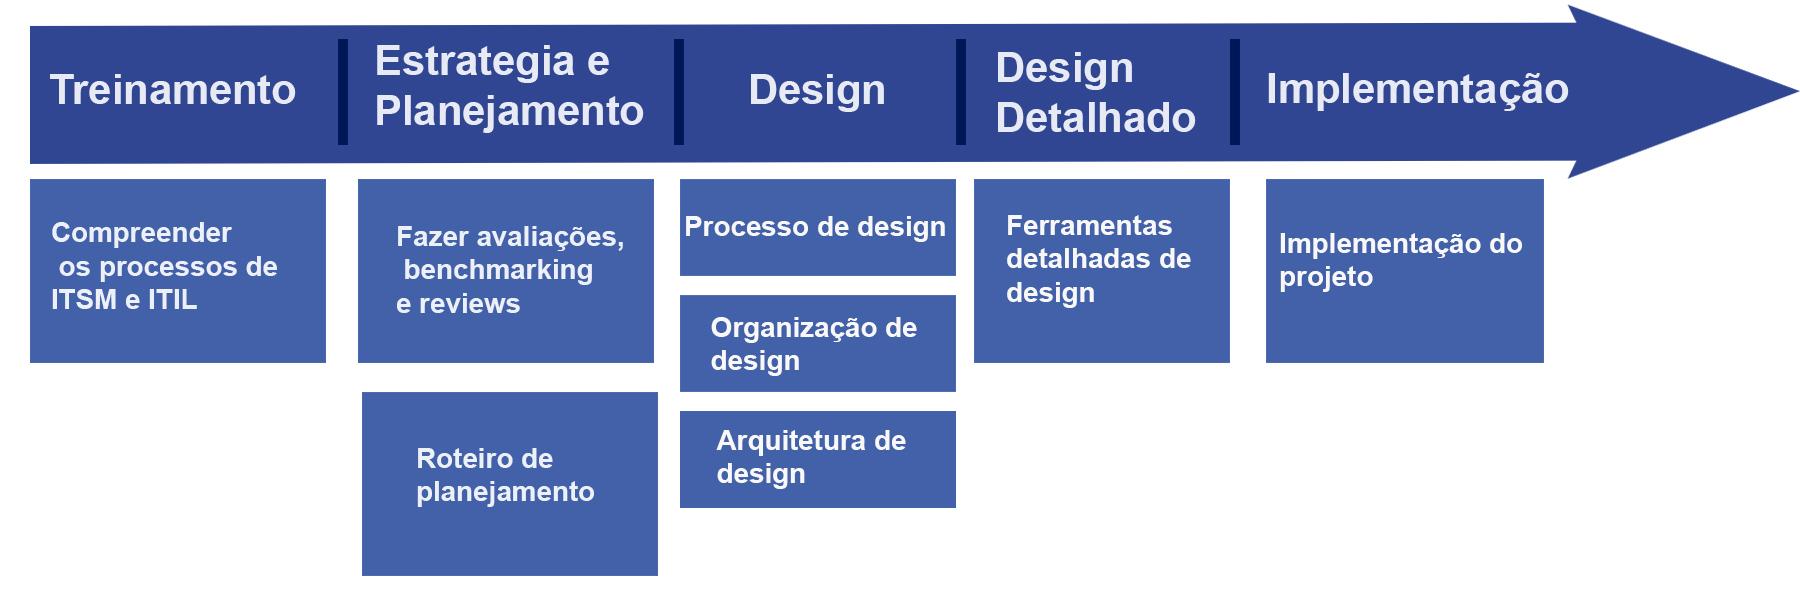 Grafico Planejamento